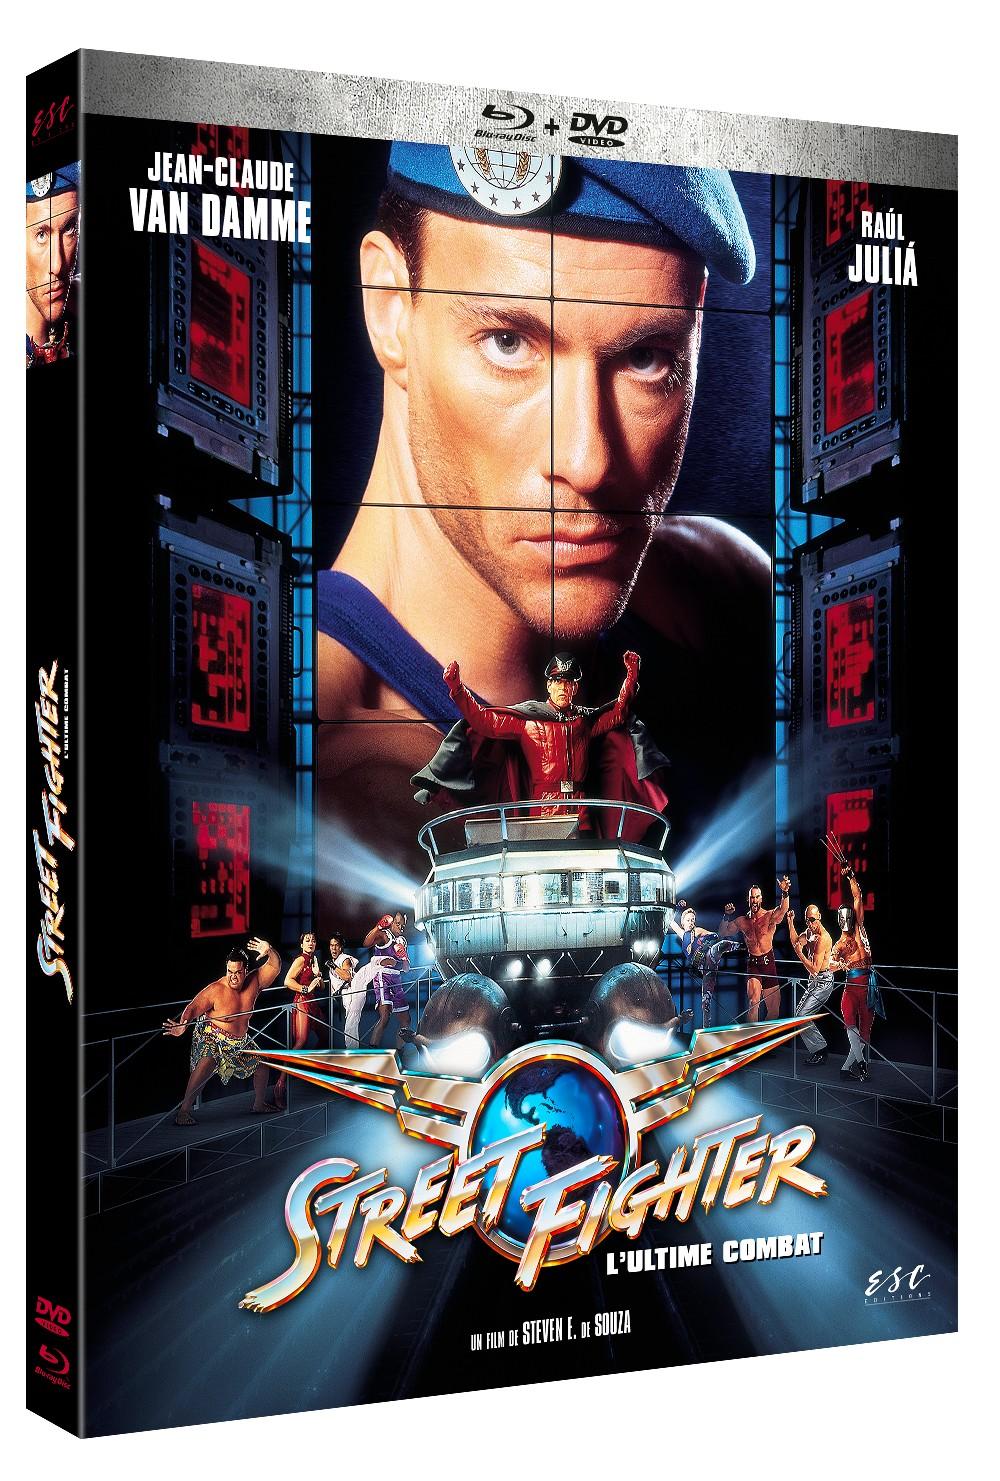 STREETFIGHTER - BRD + DVD